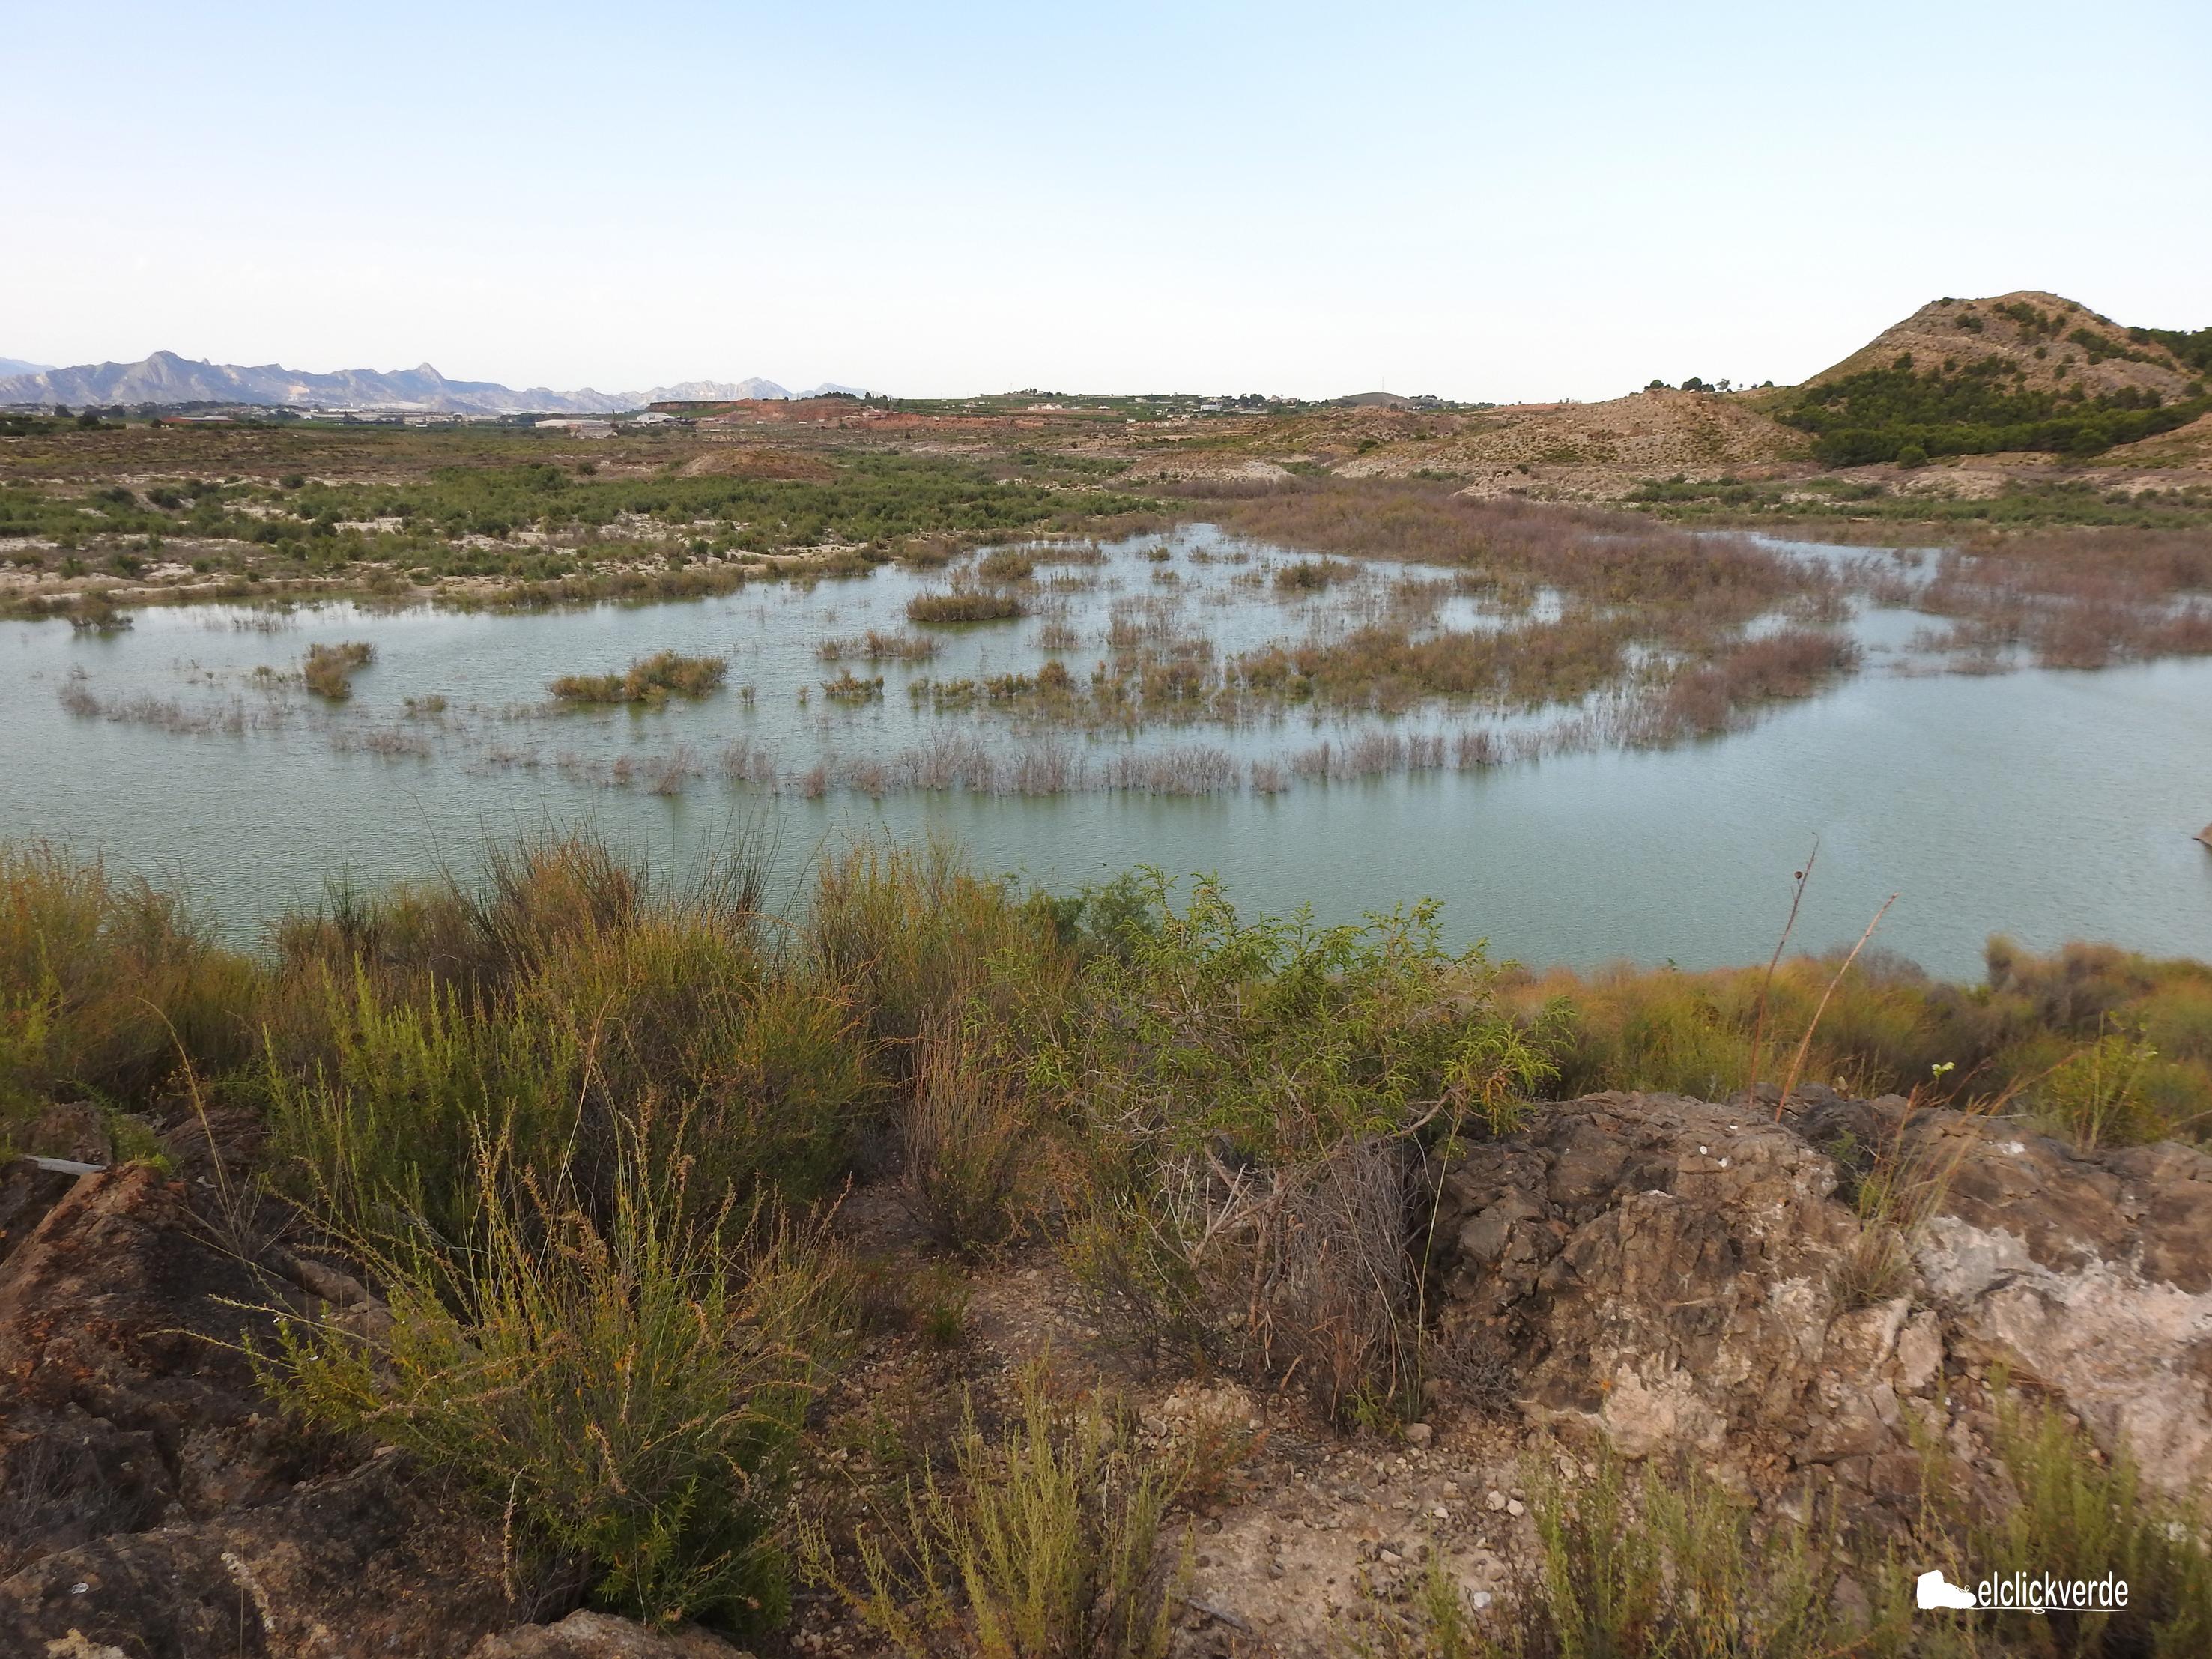 Panorámica del pantano que se divisa desde el pequeño promontorio